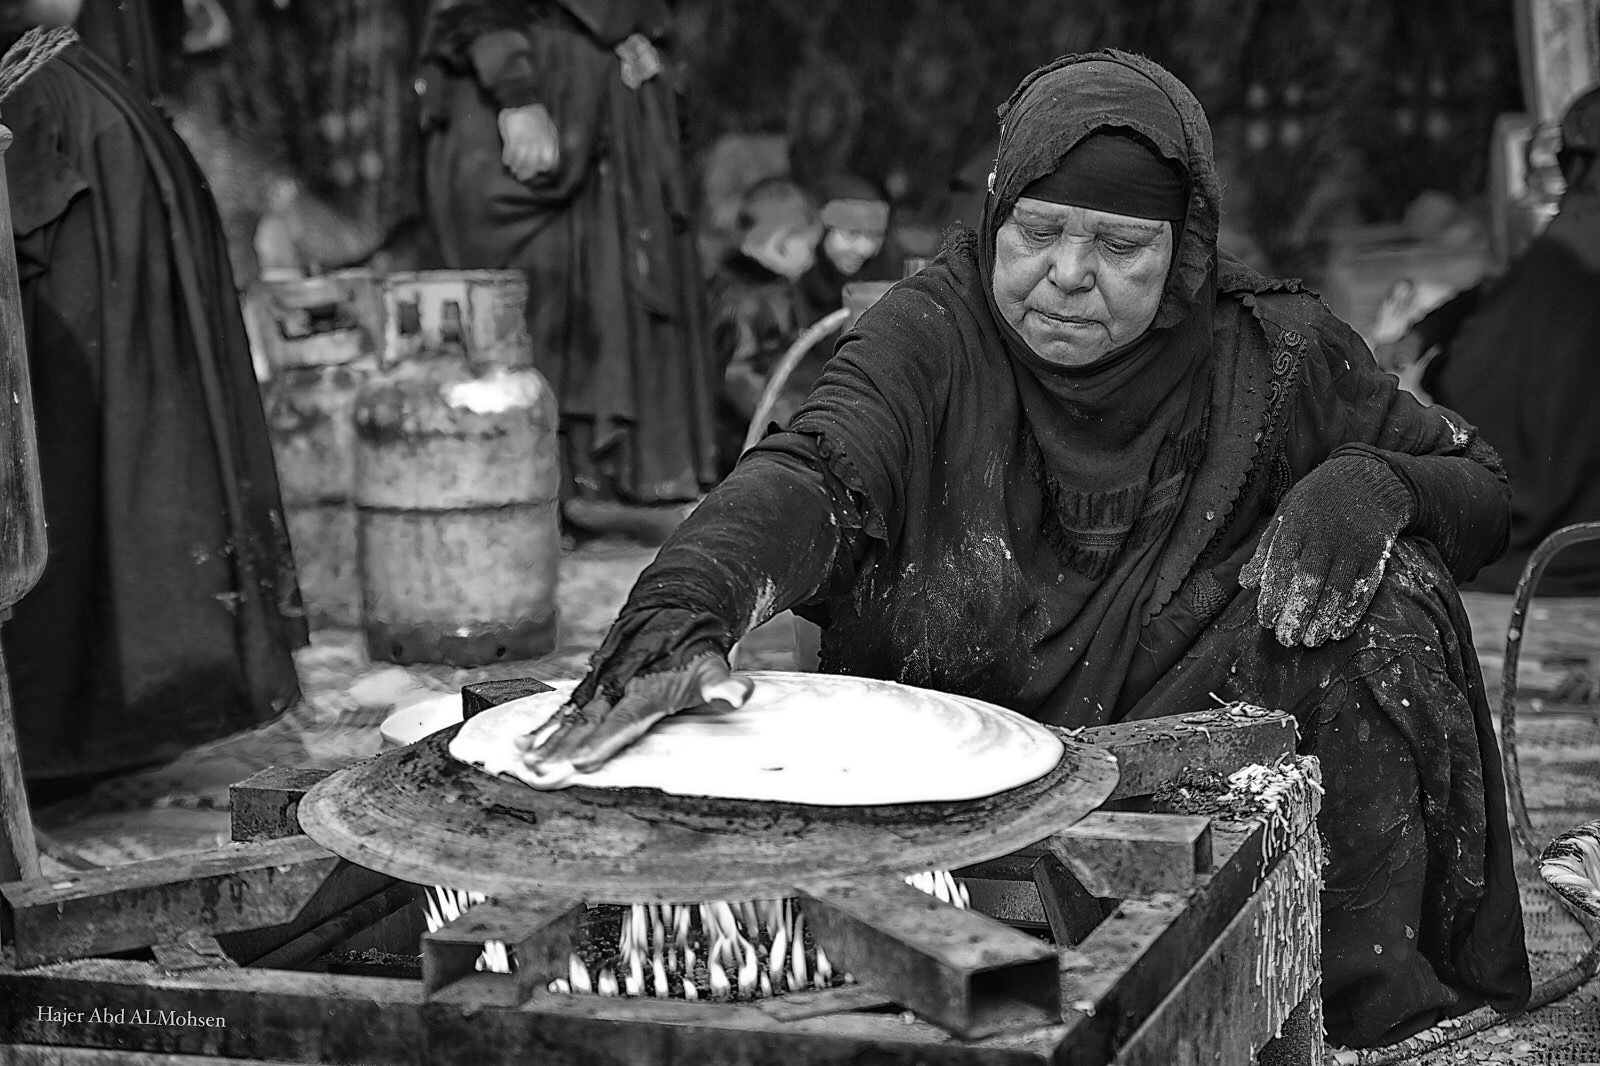 Prepare bread by Hajer Abd Almohsen